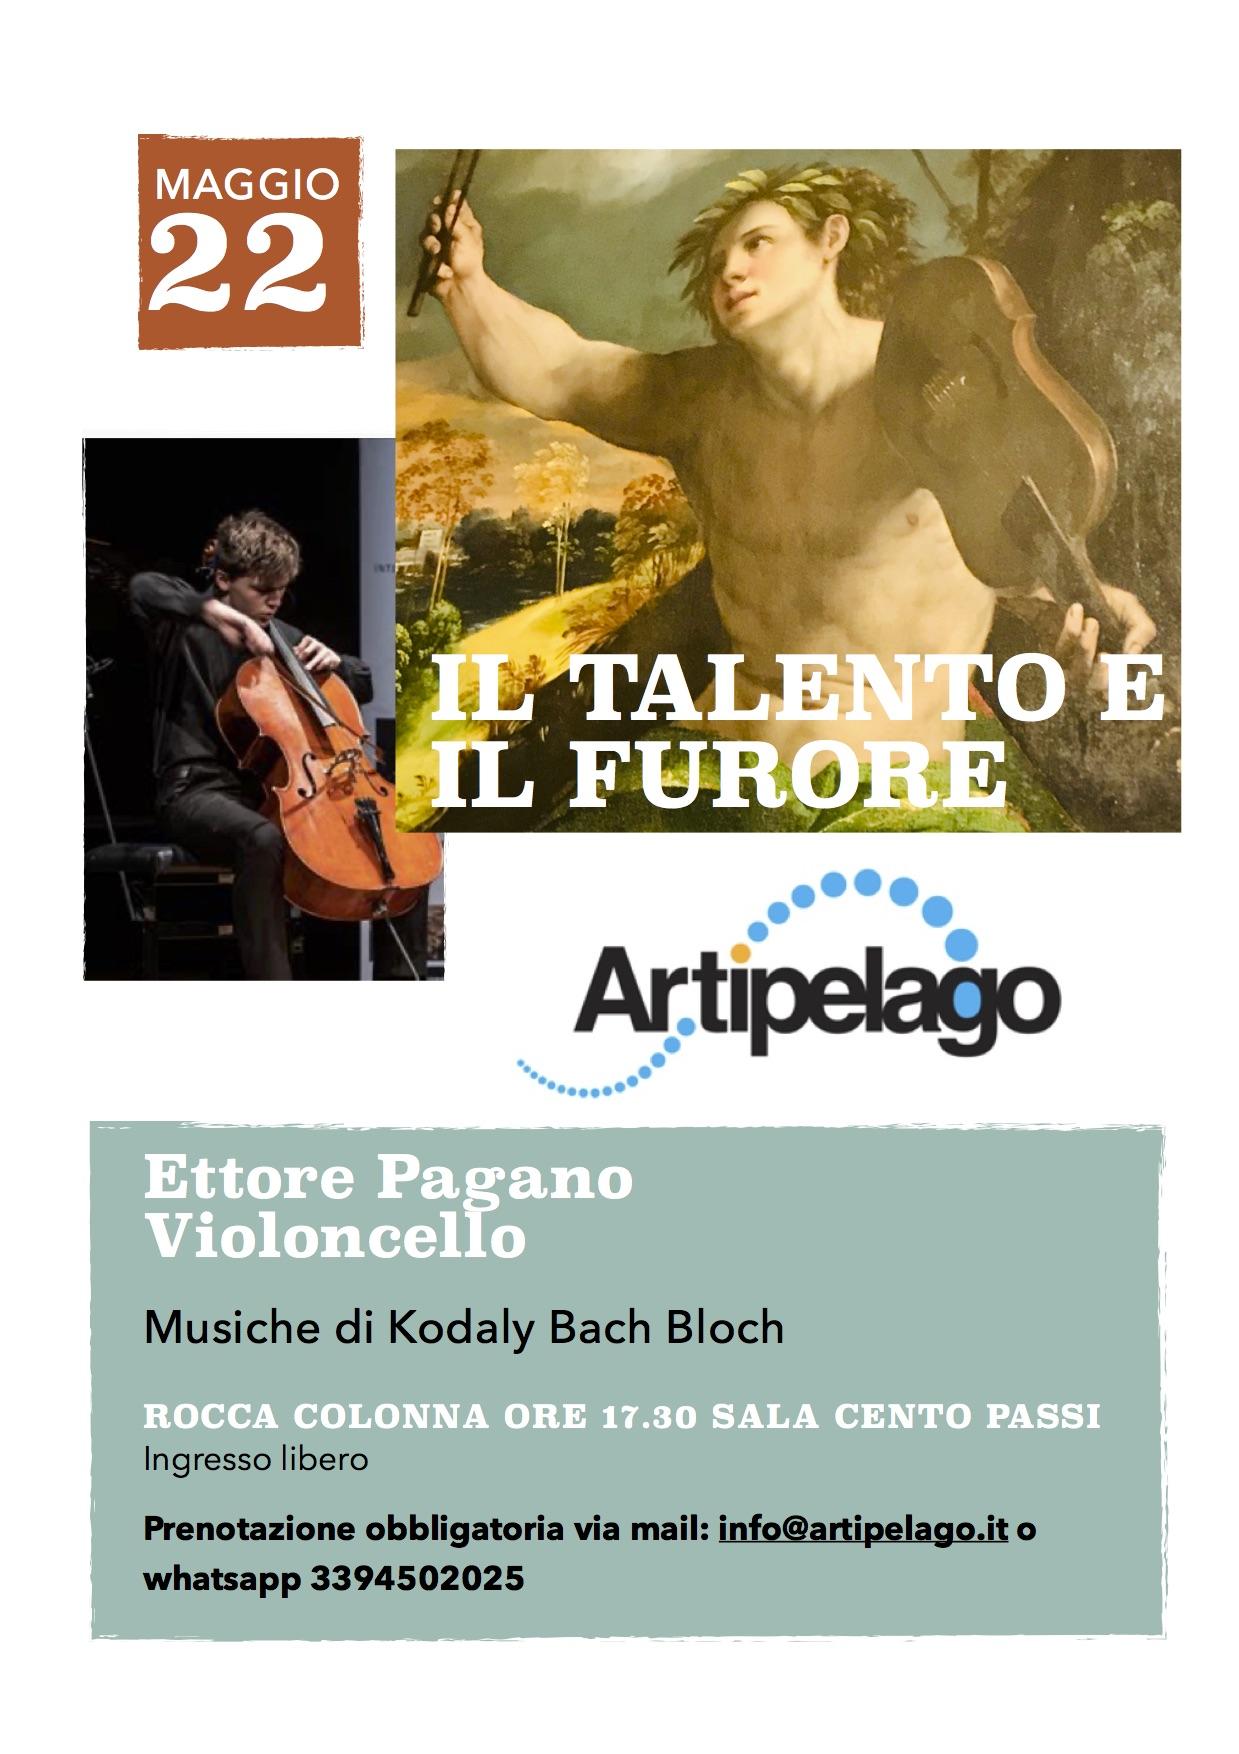 Locandina del concerto di Ettore Pagano il 22 maggio 2021